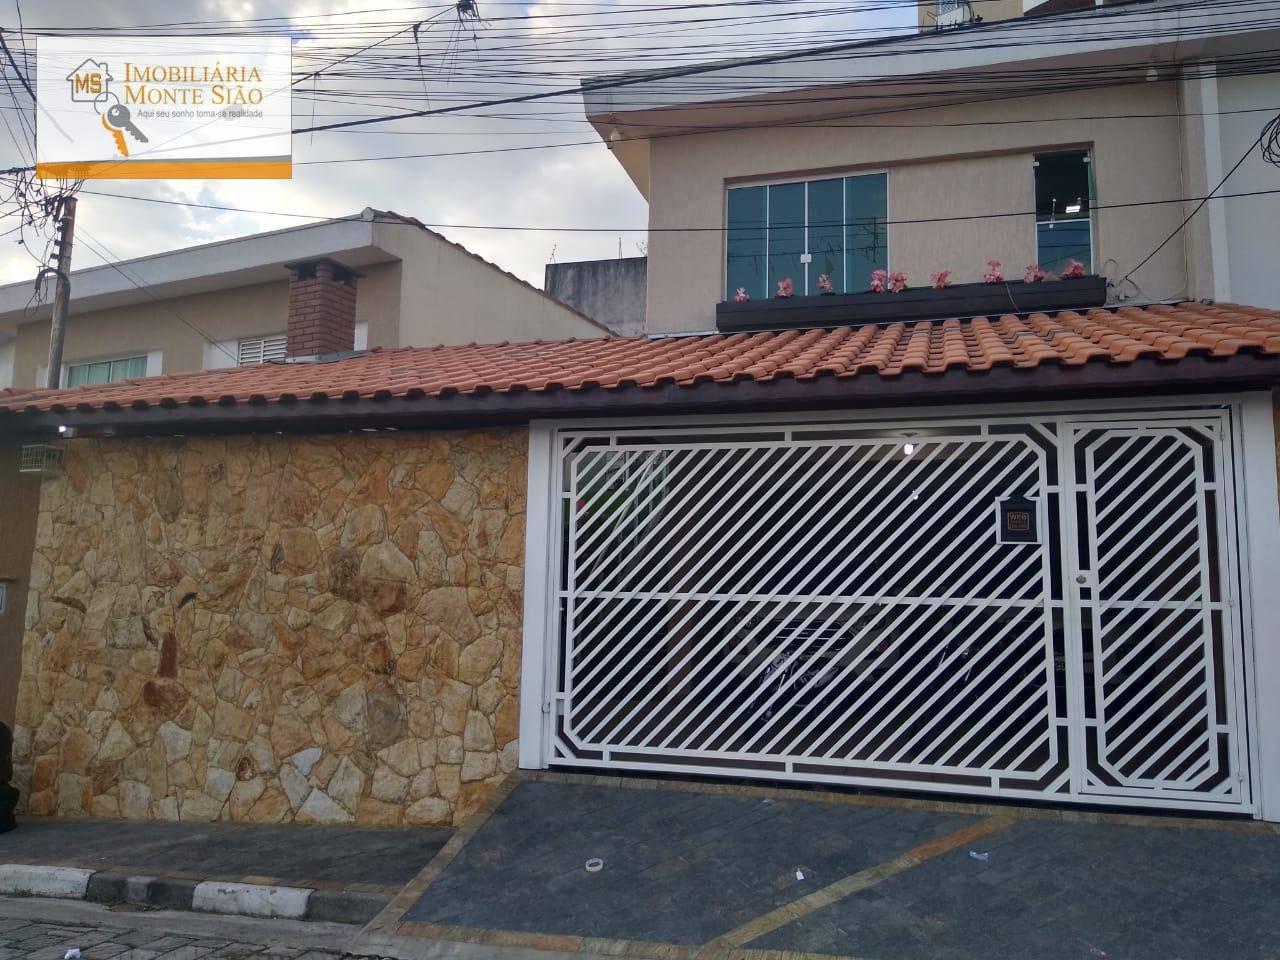 Sobrado com 2 dormitórios à venda, 140 m² por R$ 650.000 - Vila Milton - Guarulhos/SP